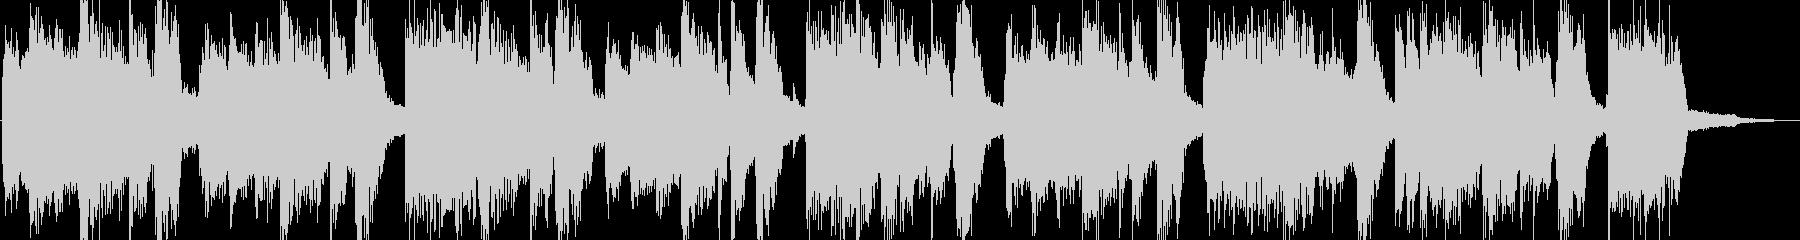 特徴的なリズムのロックジングルの未再生の波形